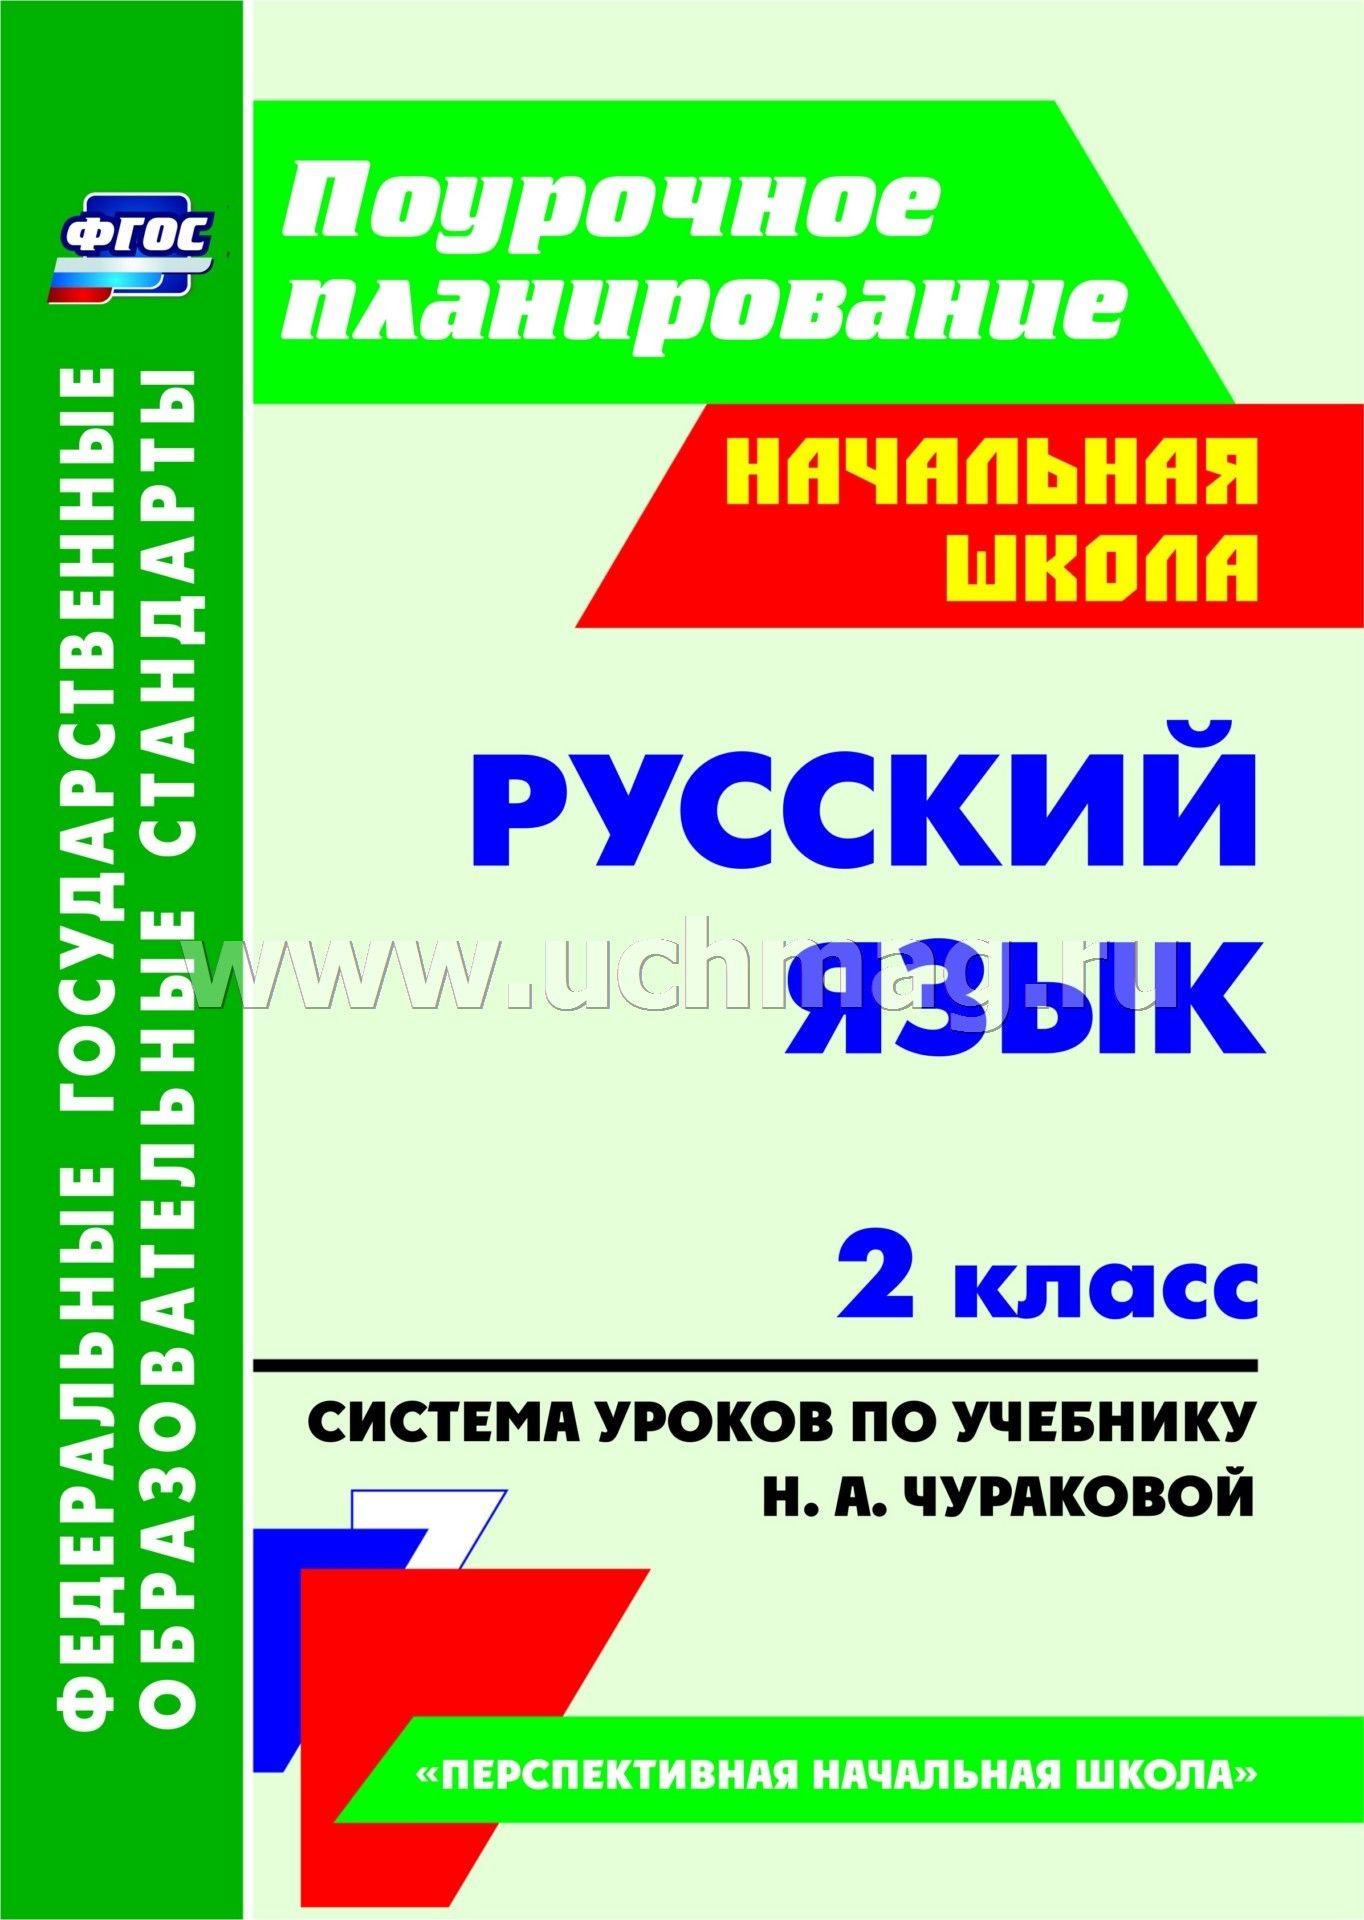 Русский язык 2 класс система уроков по учебнику н а чураковой скачать